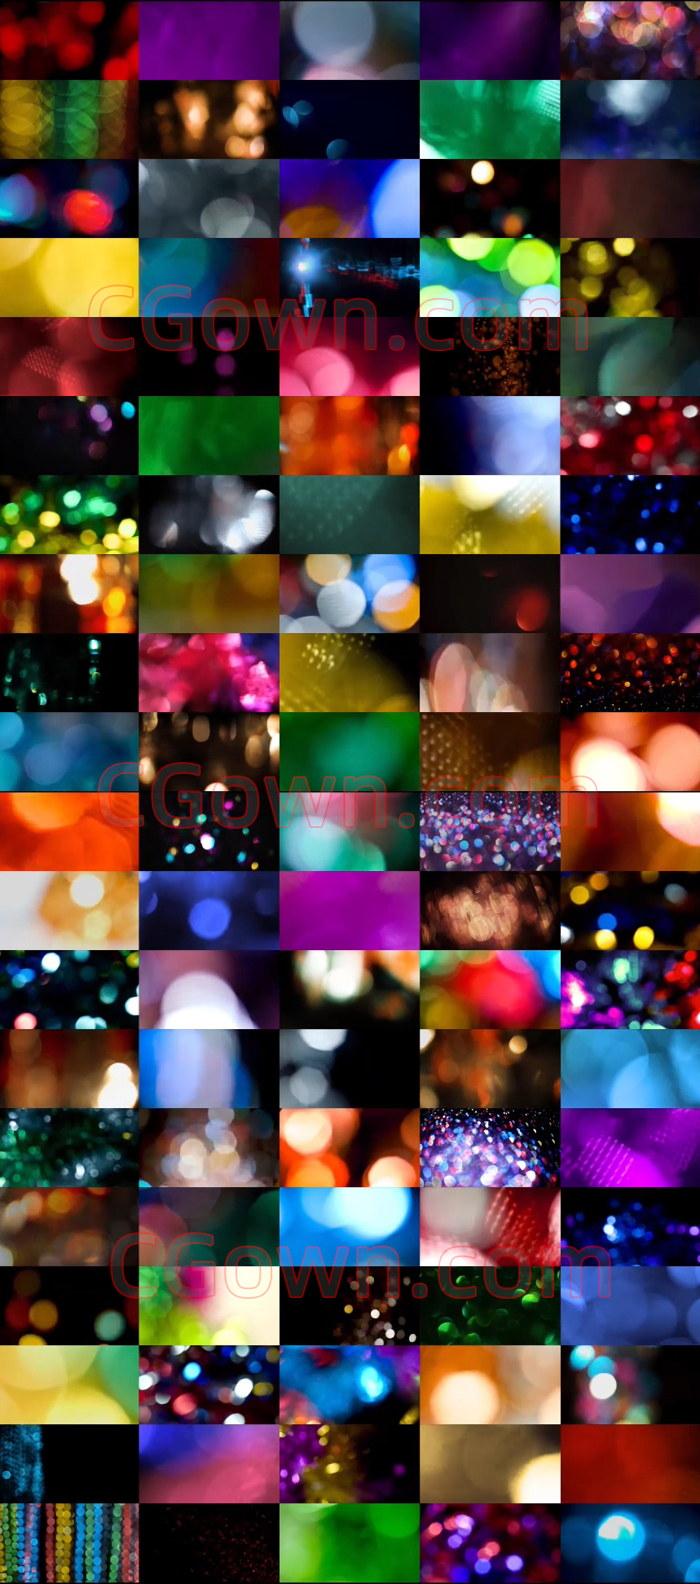 263种美丽散景光斑唯美光效元素4K分辨率视频素材47.5GB大小